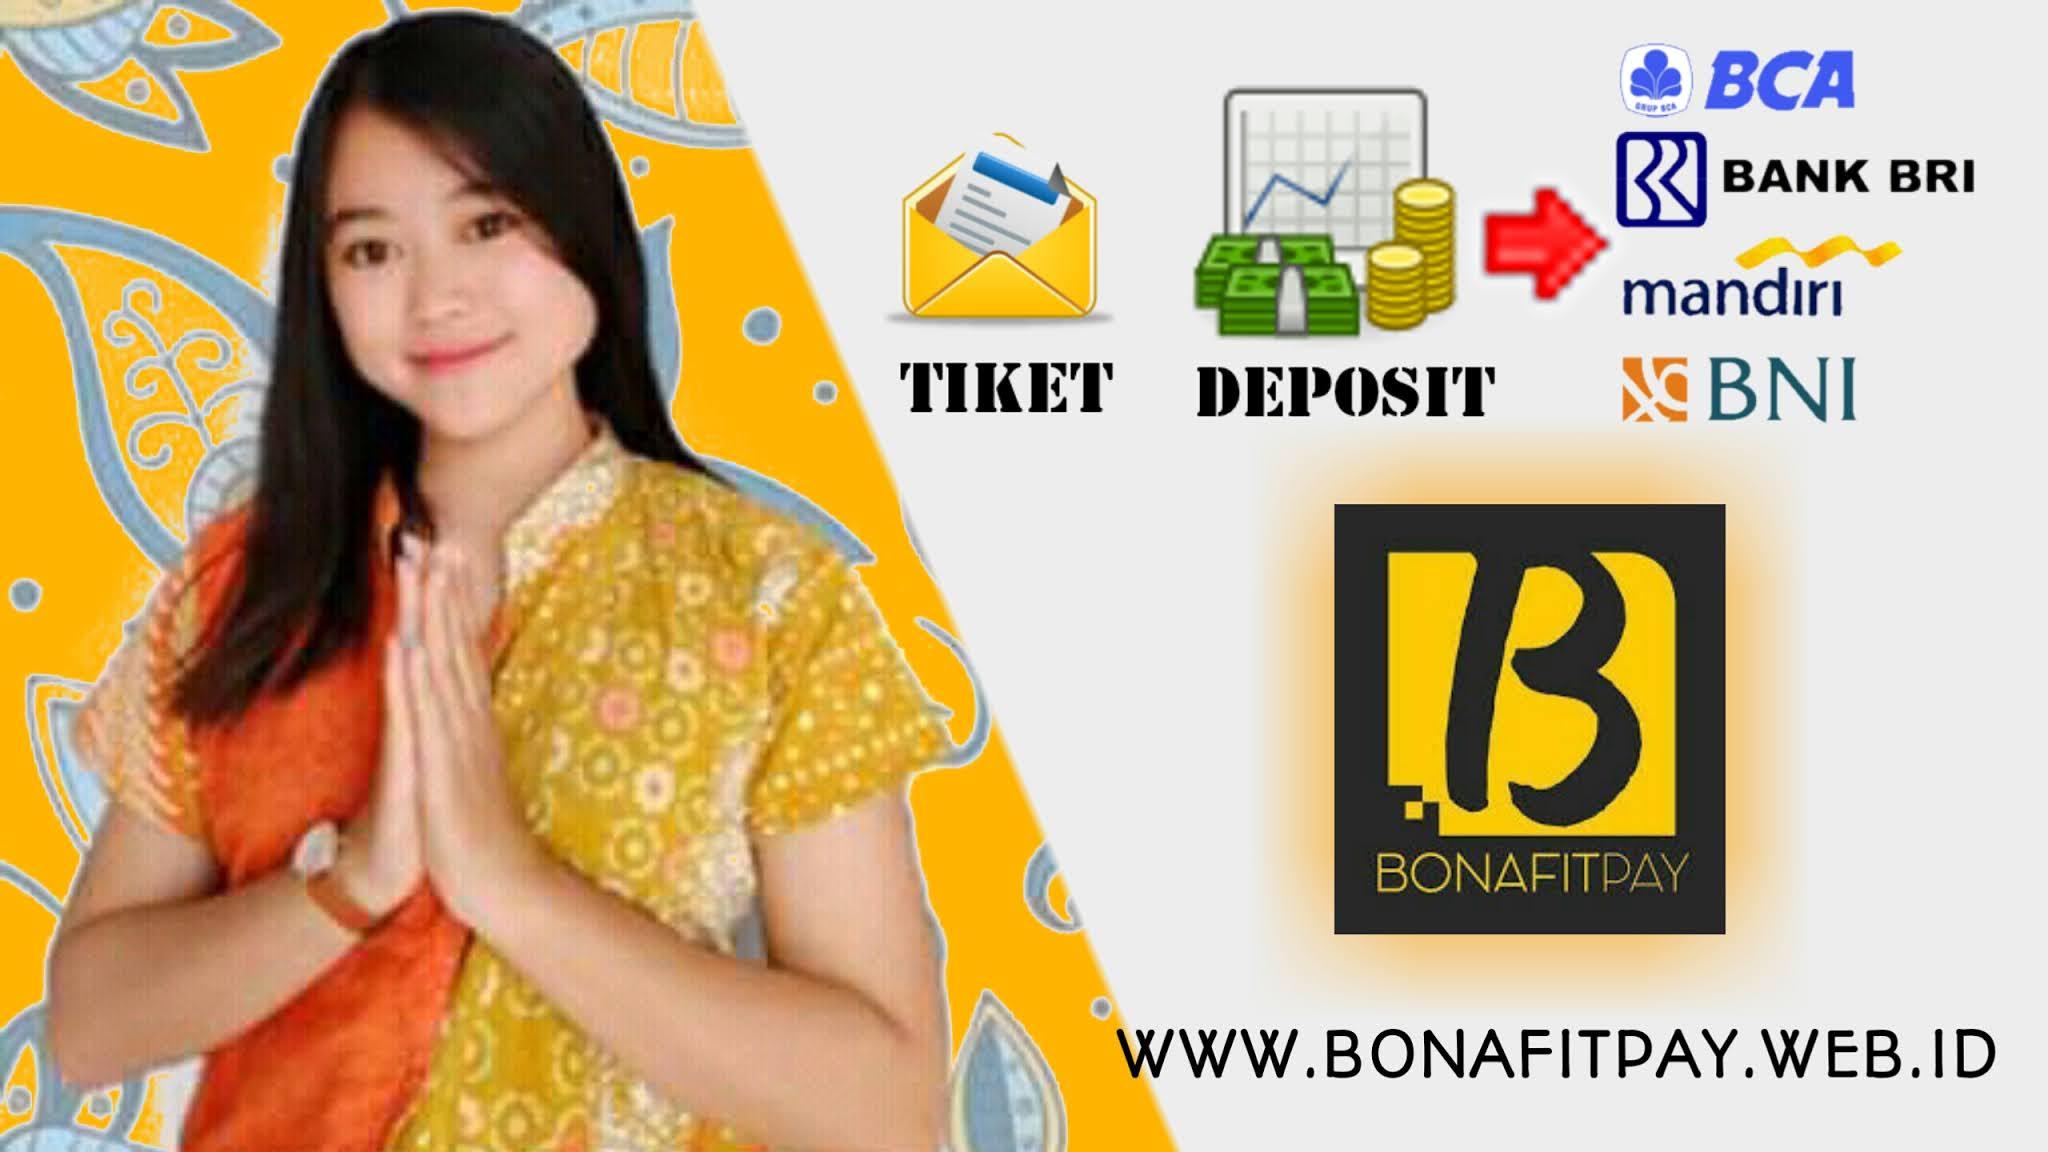 Deposit Bonafitpay